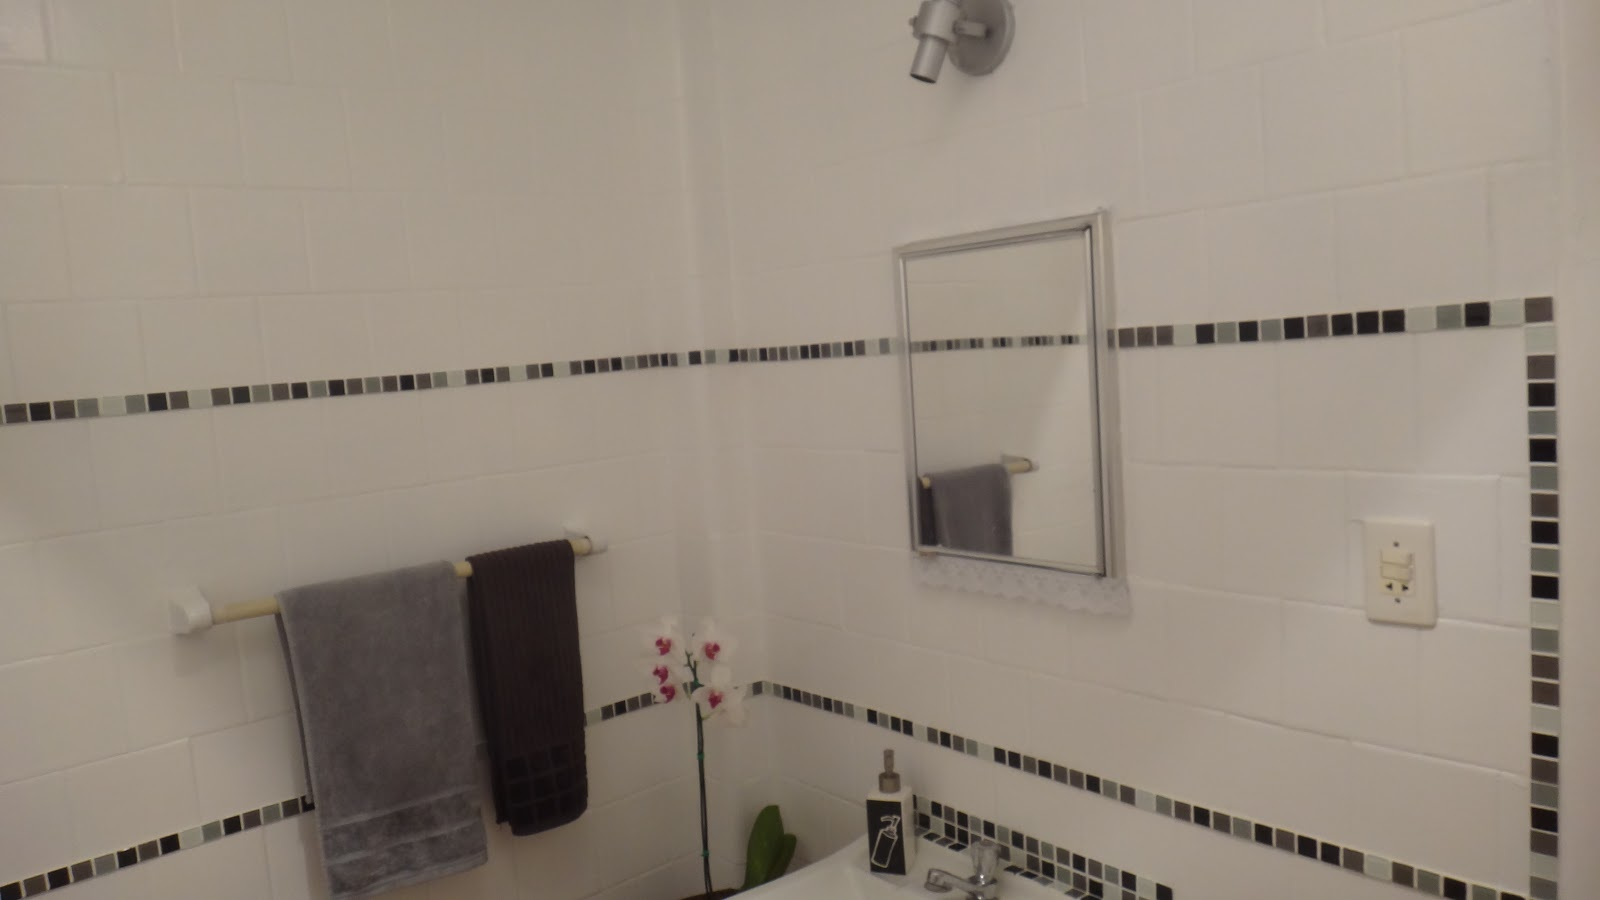 Meu banheiro decorado! #746757 1600 900